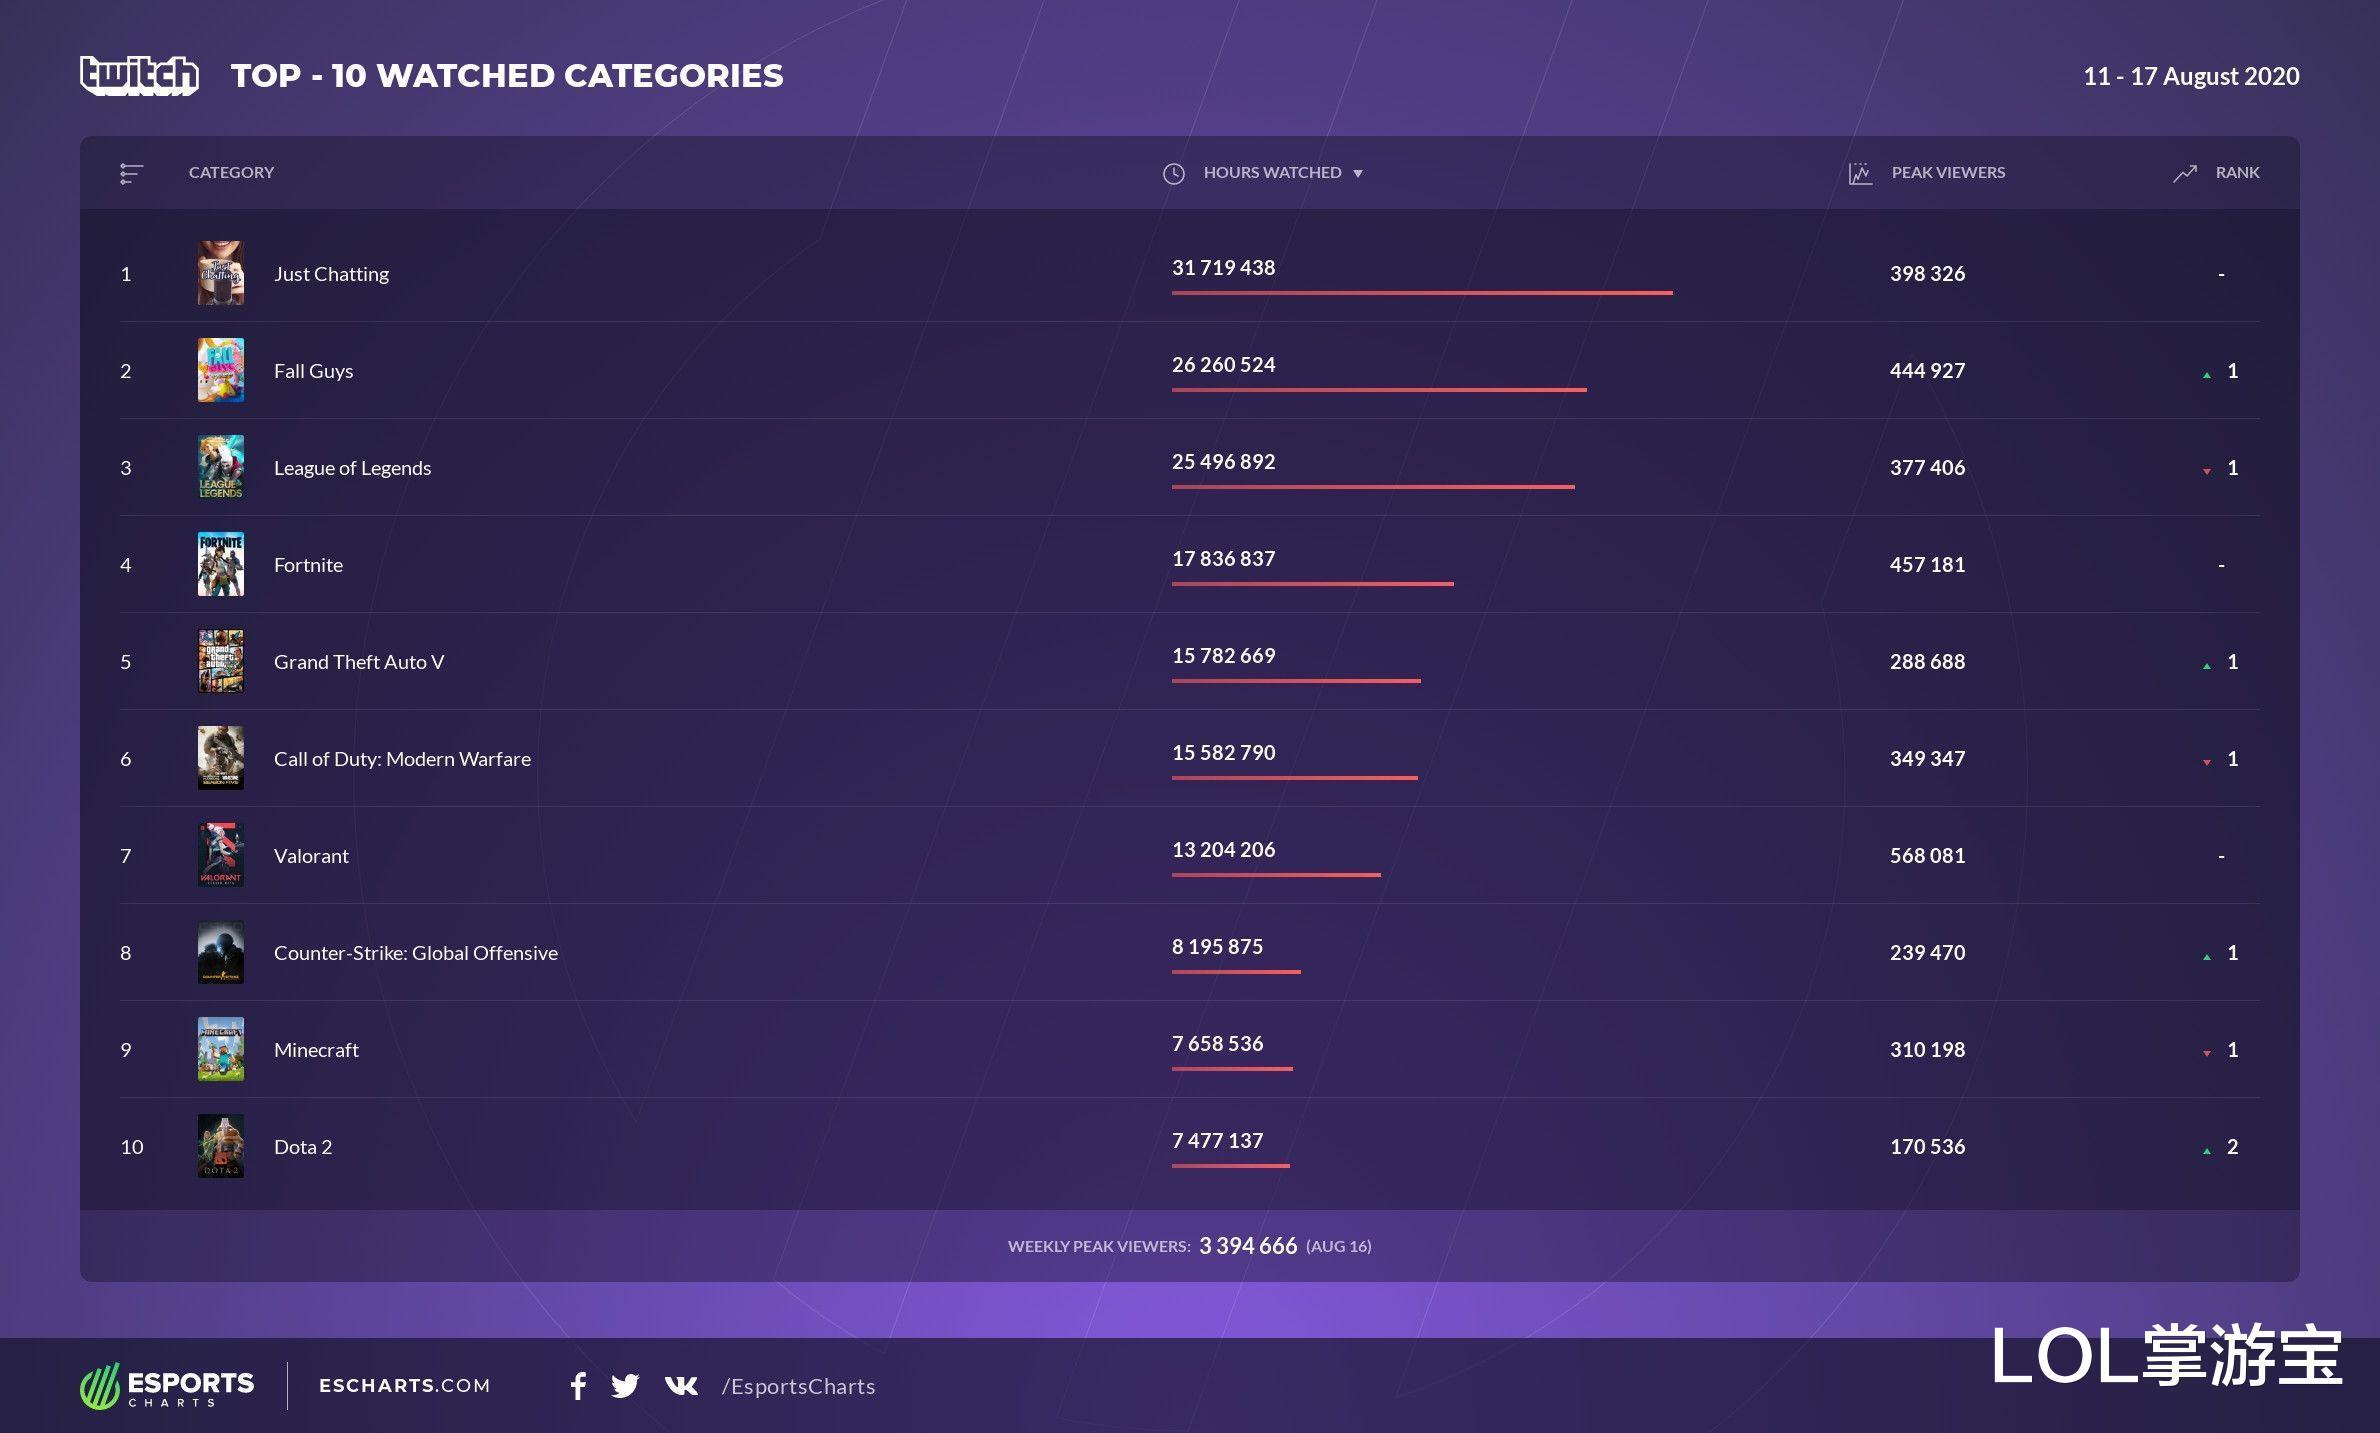 《【煜星娱乐登录注册平台】Twitch收视周榜:《糖豆人》超越LOL成游戏区第一》